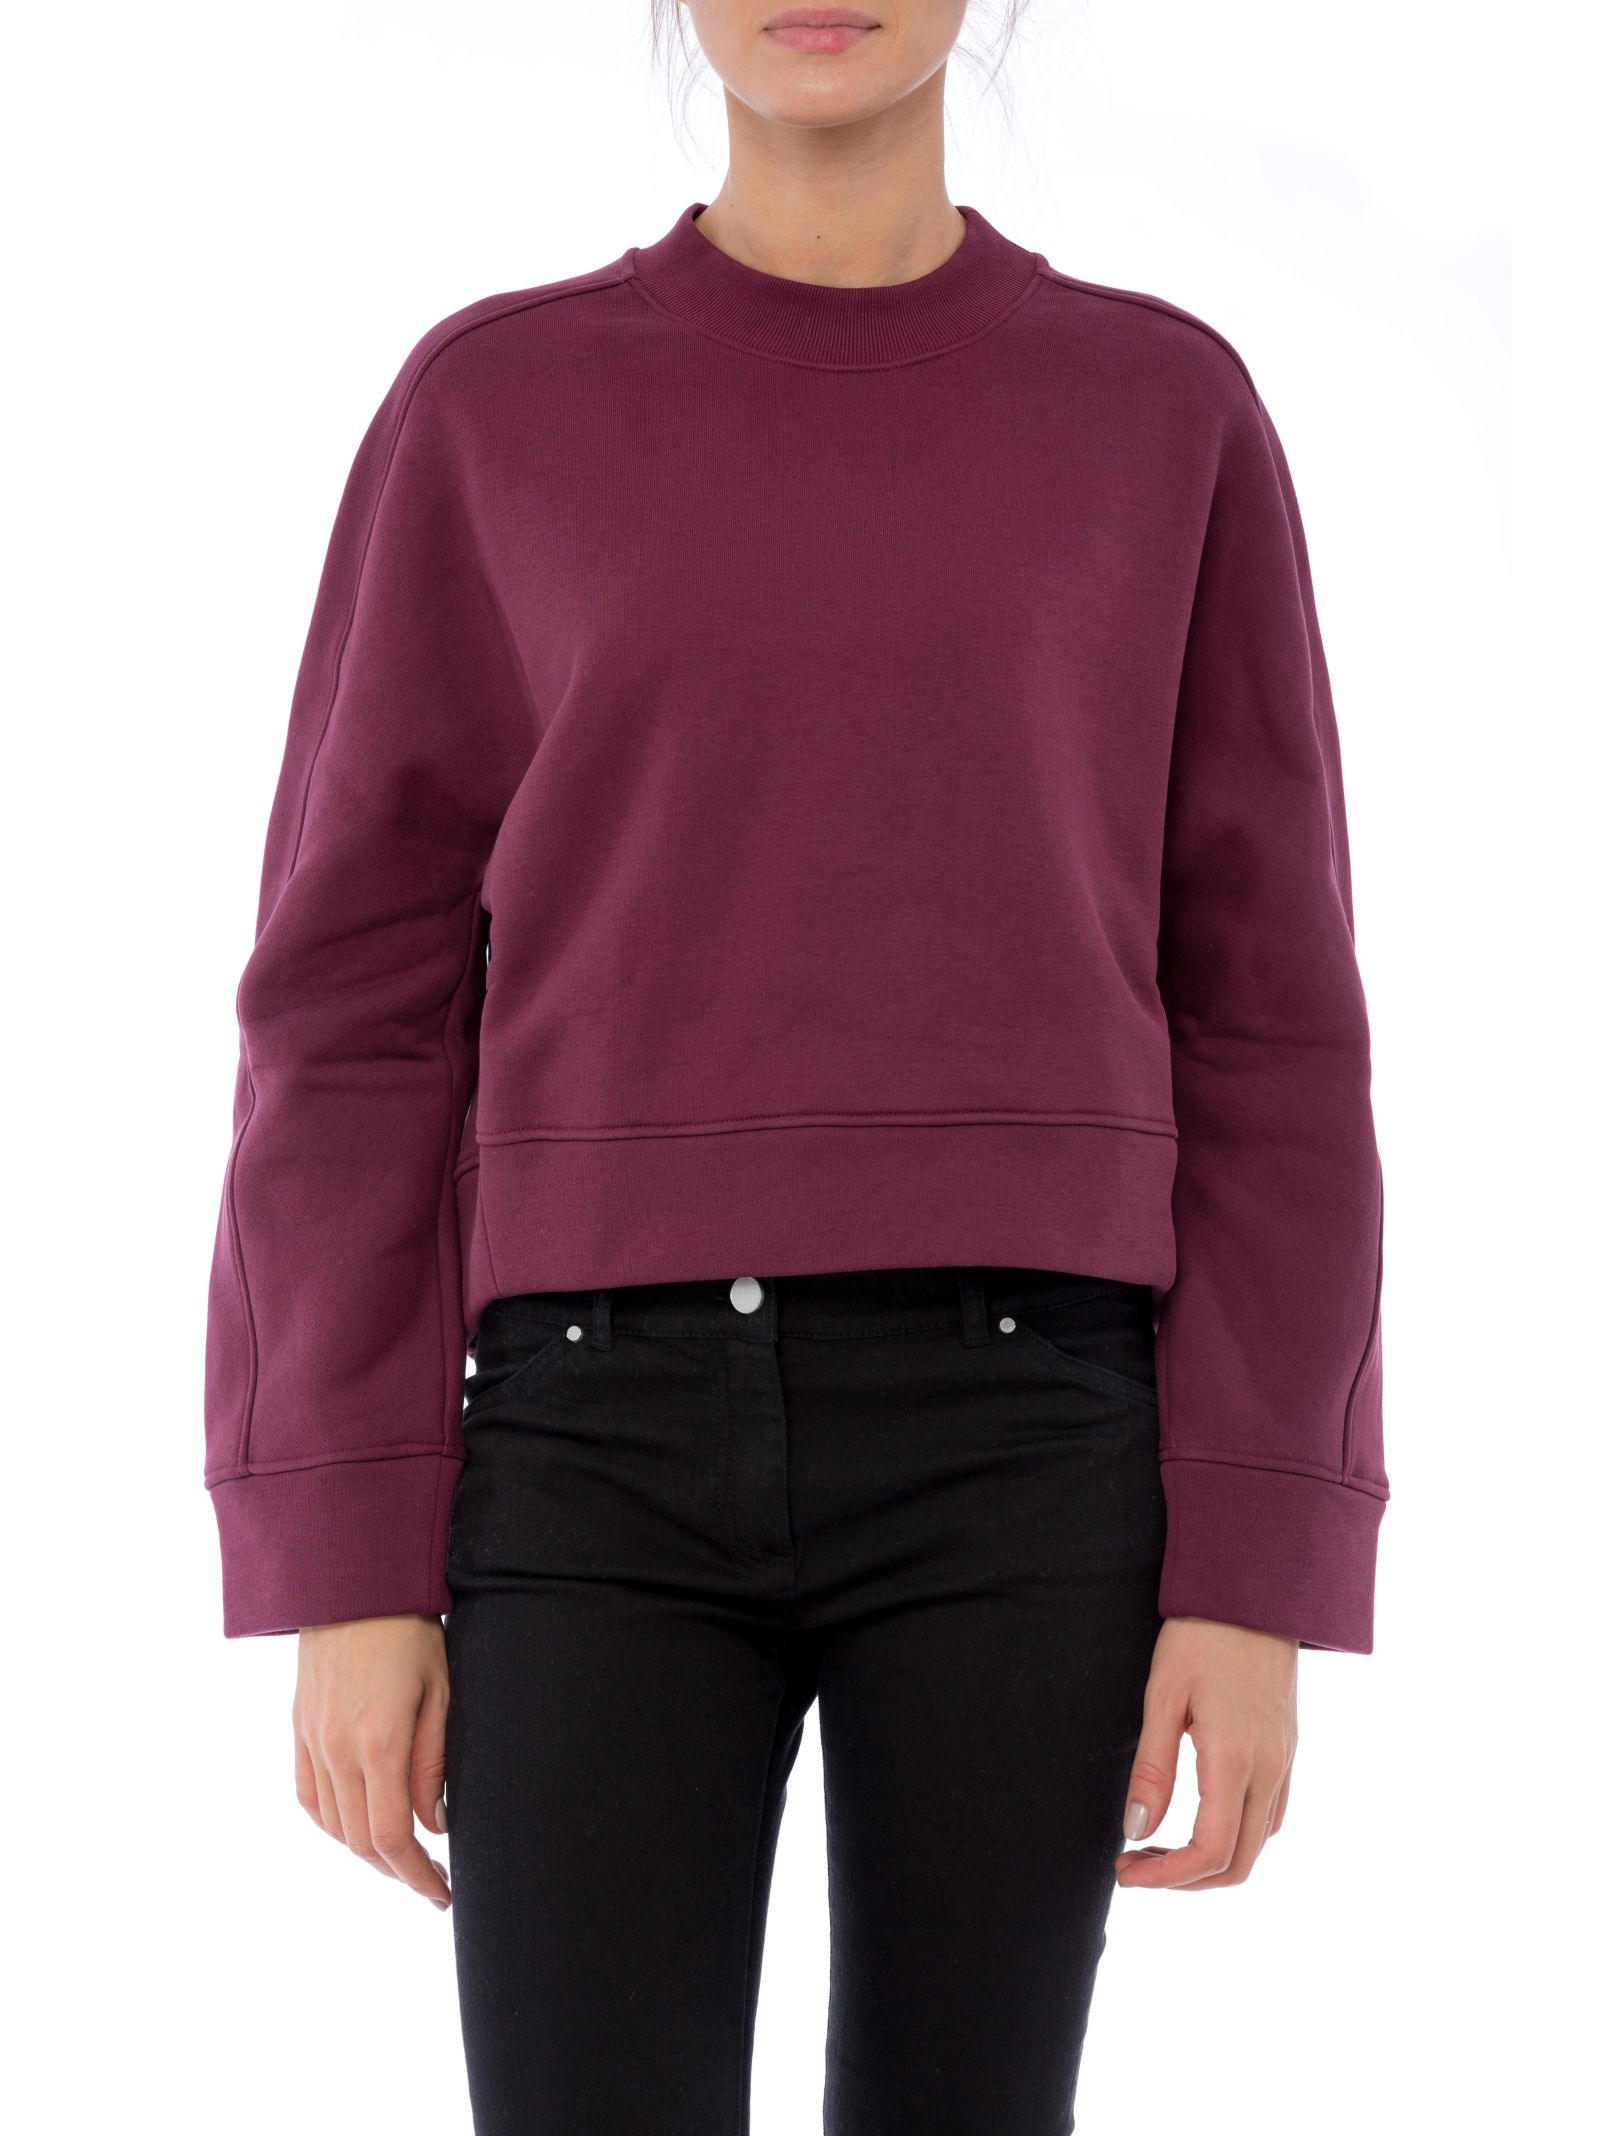 Sweatshirt Balenciaga in bordeaux cotton. Details:- 100% Cotton